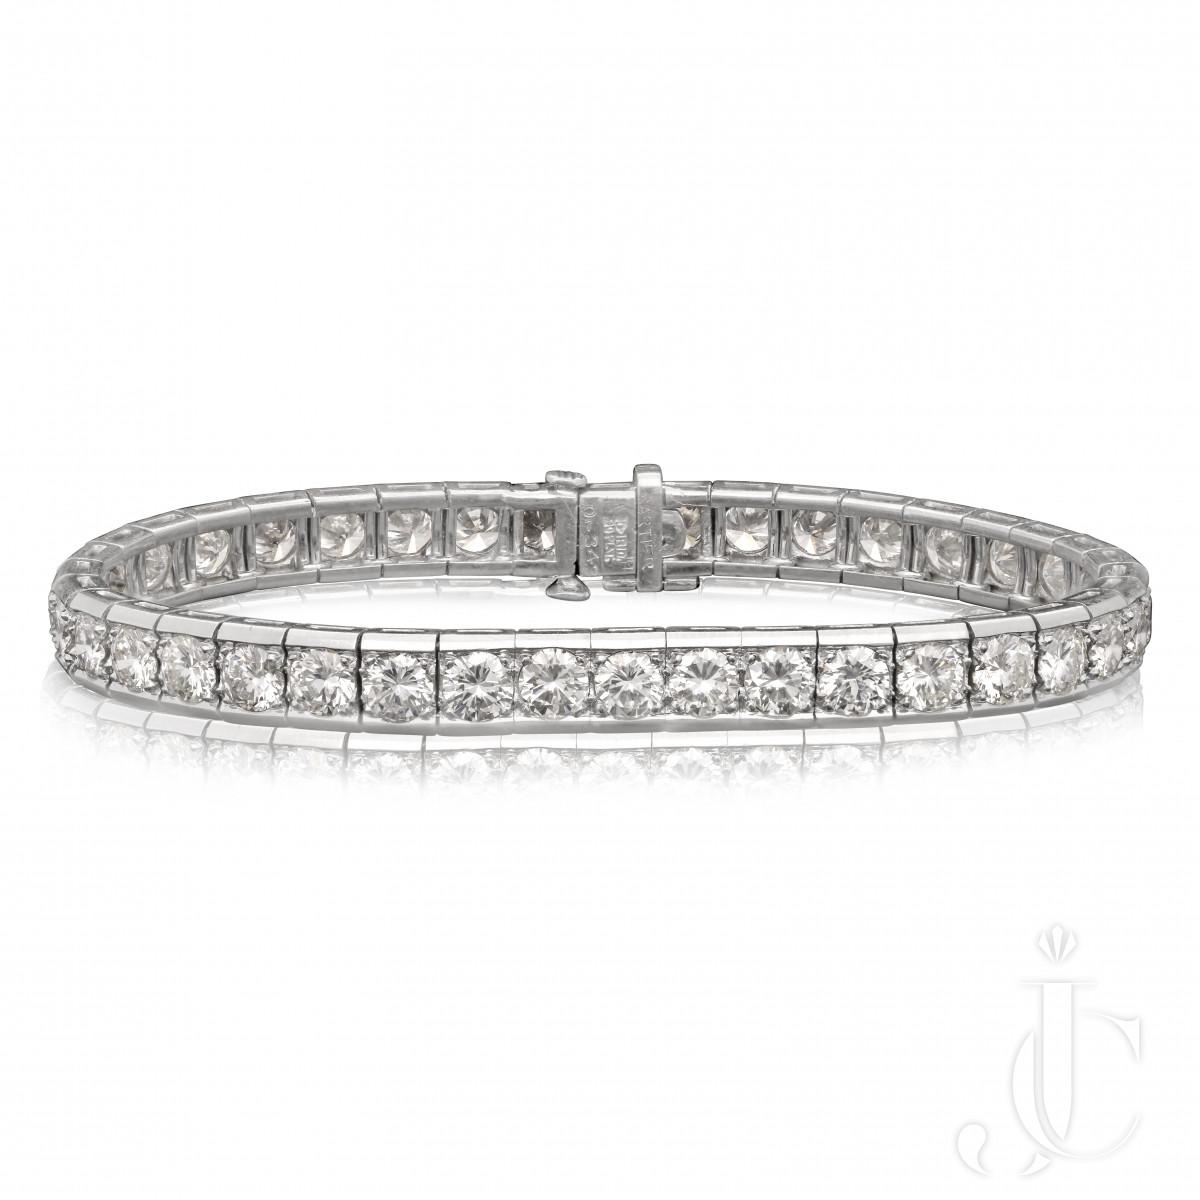 Cartier - Classic Diamond Line Bracelet est.10cts NY c.1950s